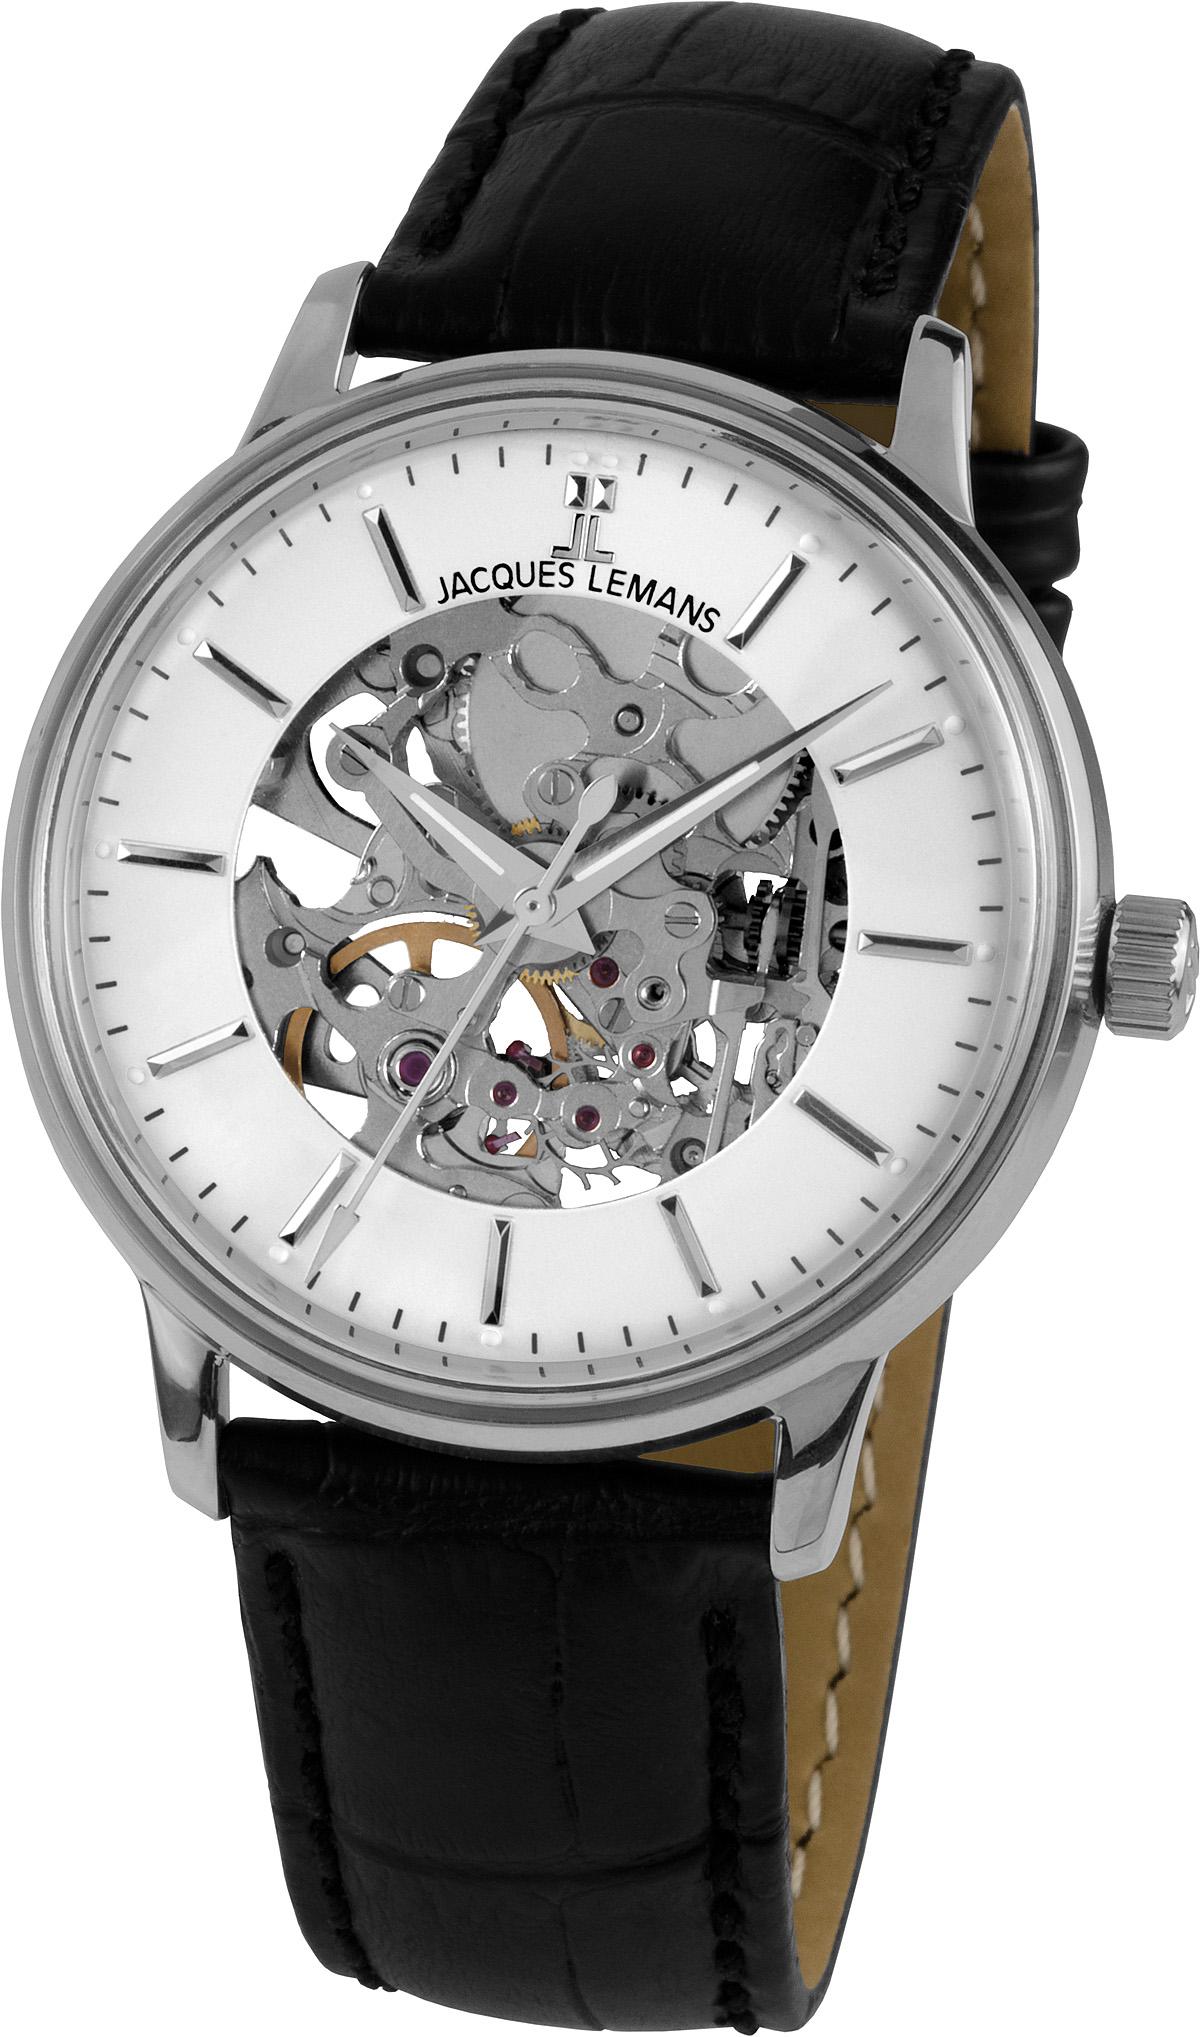 586ef9ae209332 Zegarek to bardzo dobry pomysł na prezent. Jest ponadczasowy, zawsze modny,  a od kilku sezonów to prawdziwy hit i obowiązkowy dodatek.